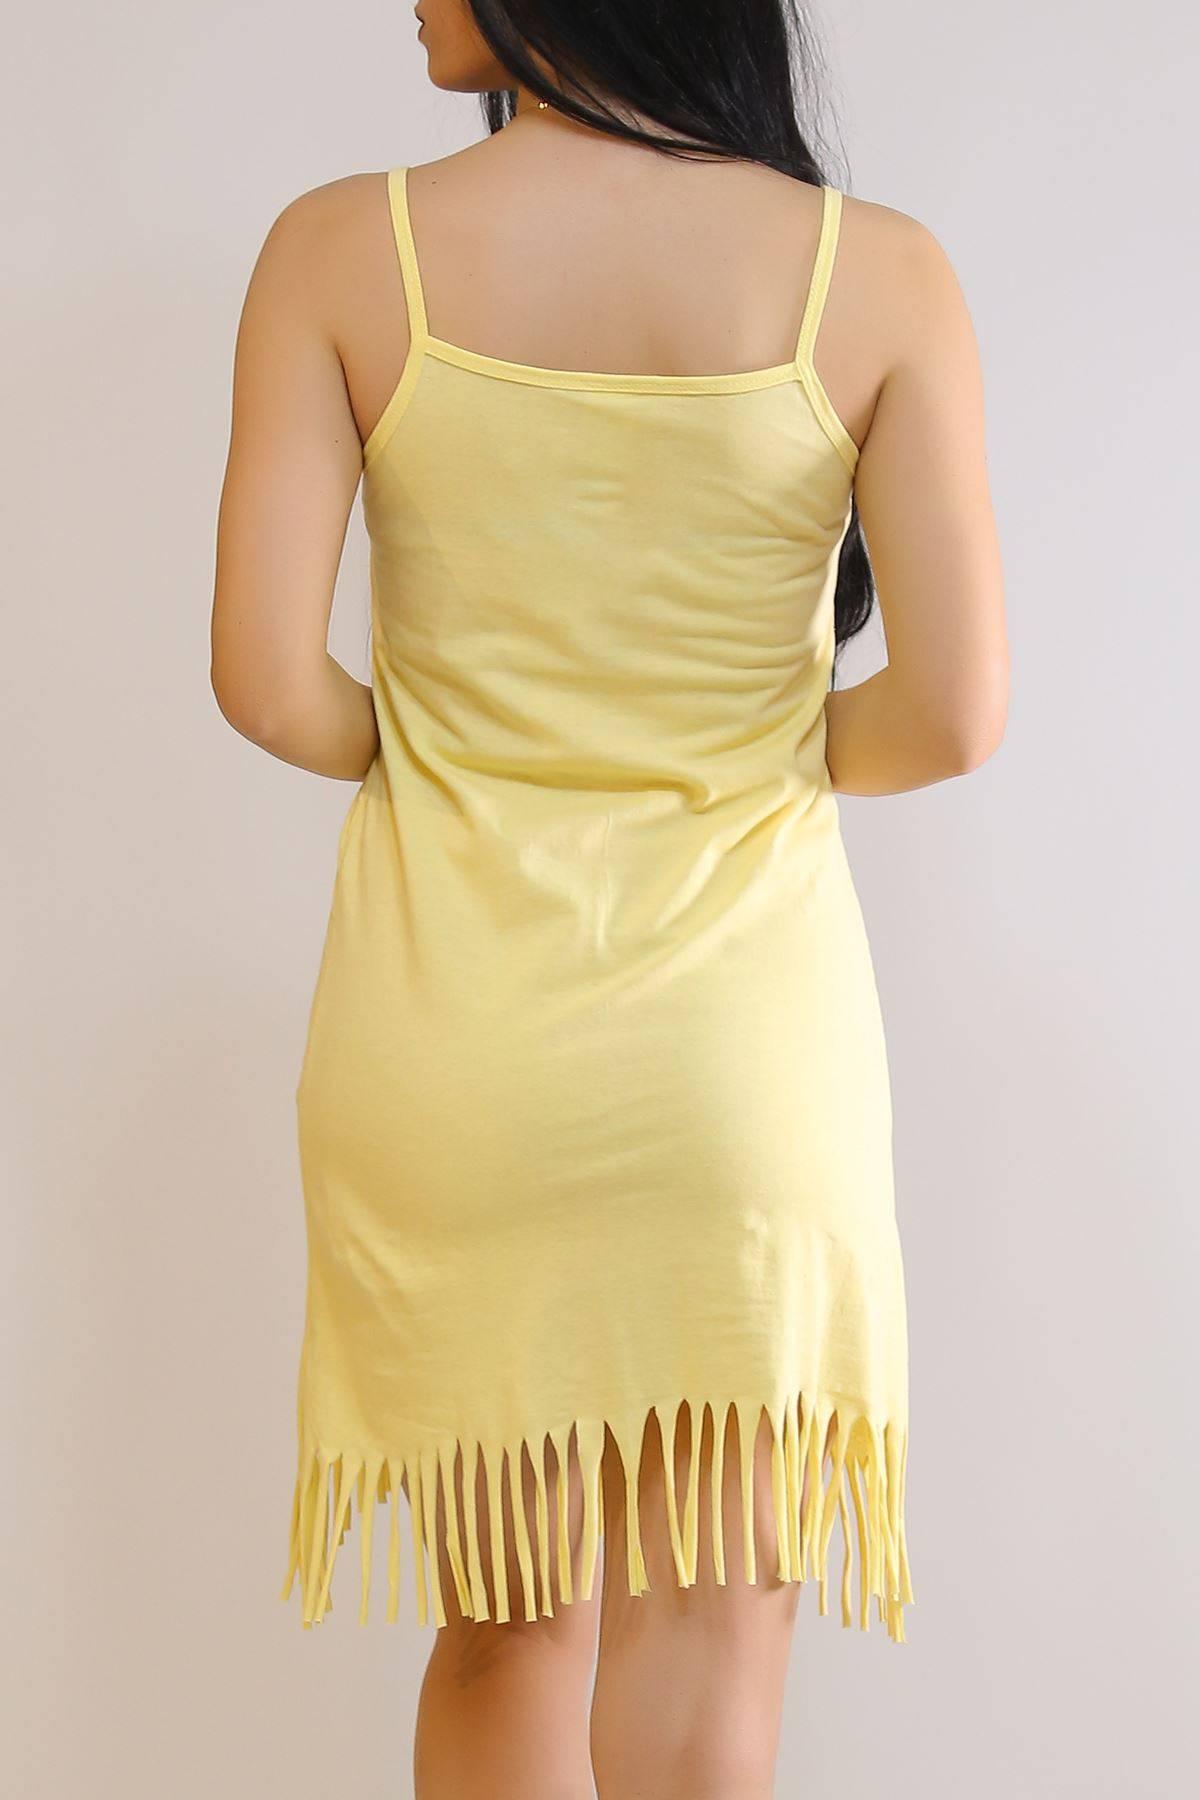 İp Askılı Elbise Sarı - 5996.1287.